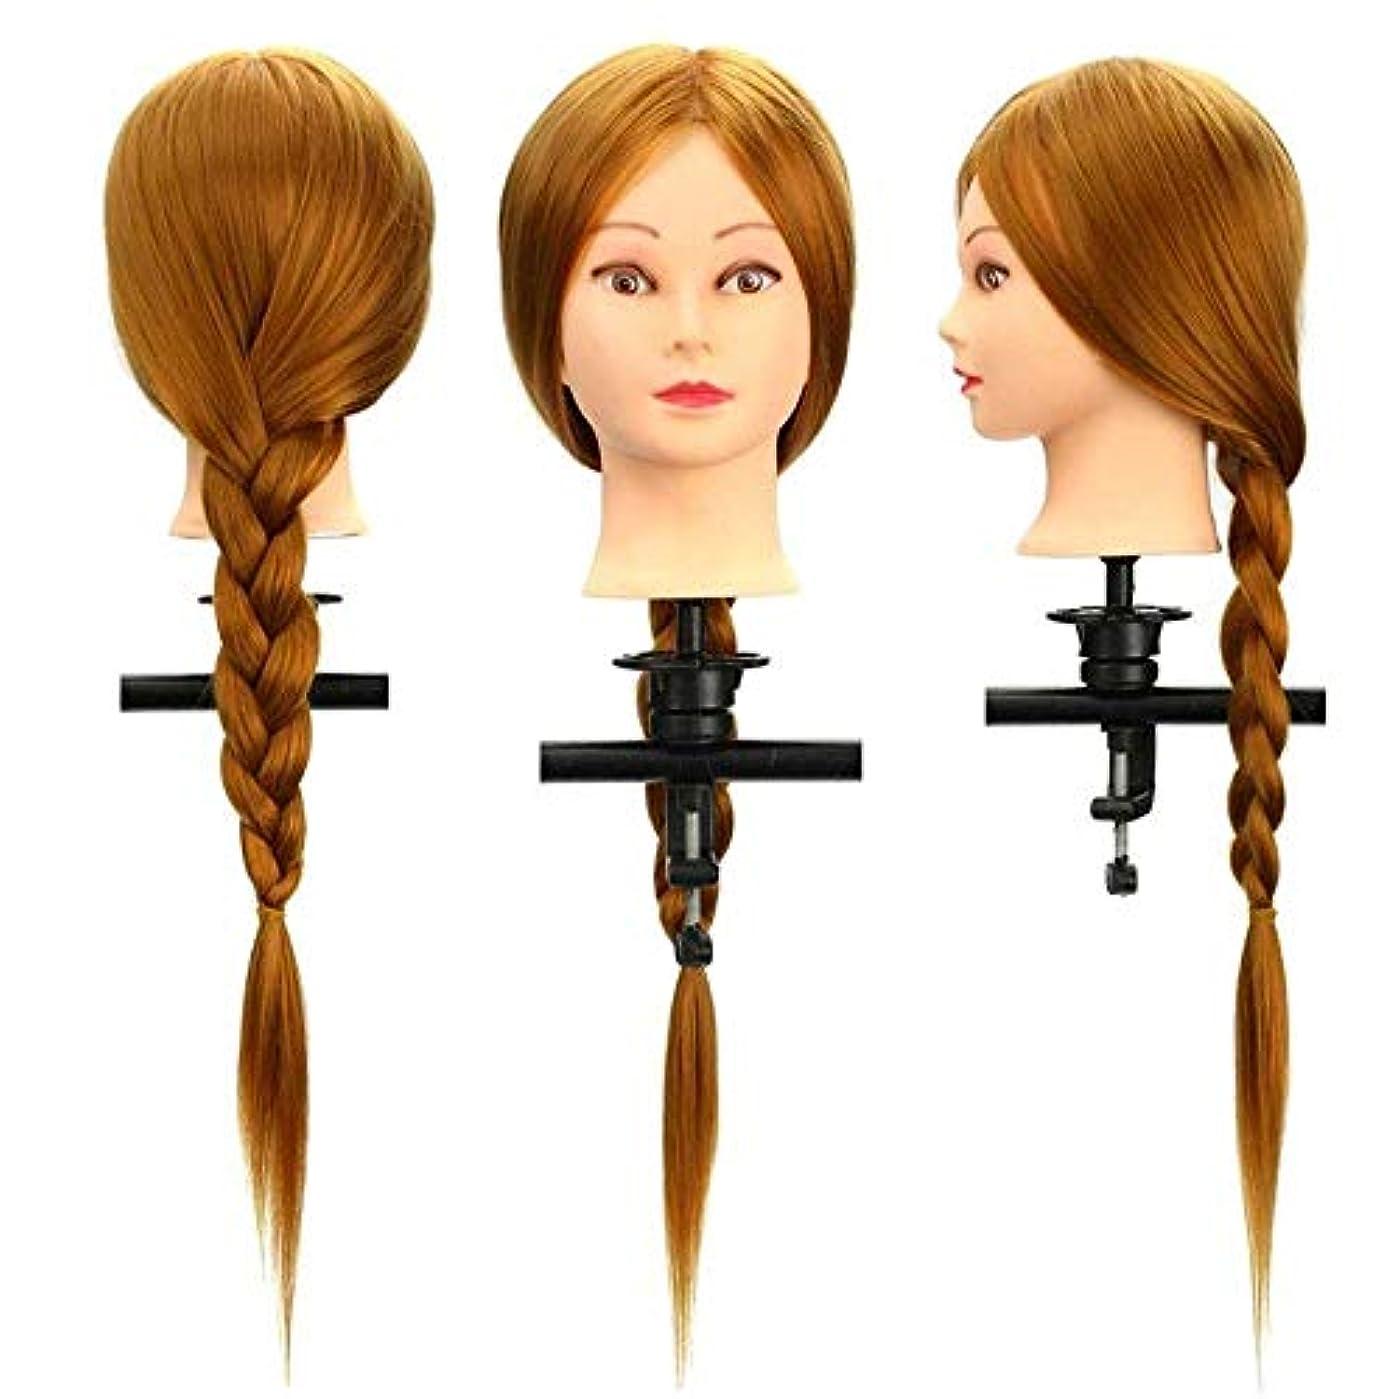 特異性宴会粘液ウイッグ マネキンヘッド 表クランプ30%本物の人間のロング理髪カットマネキンの髪トレーニング頭サロン 練習用 (色 : 褐色, サイズ : 26